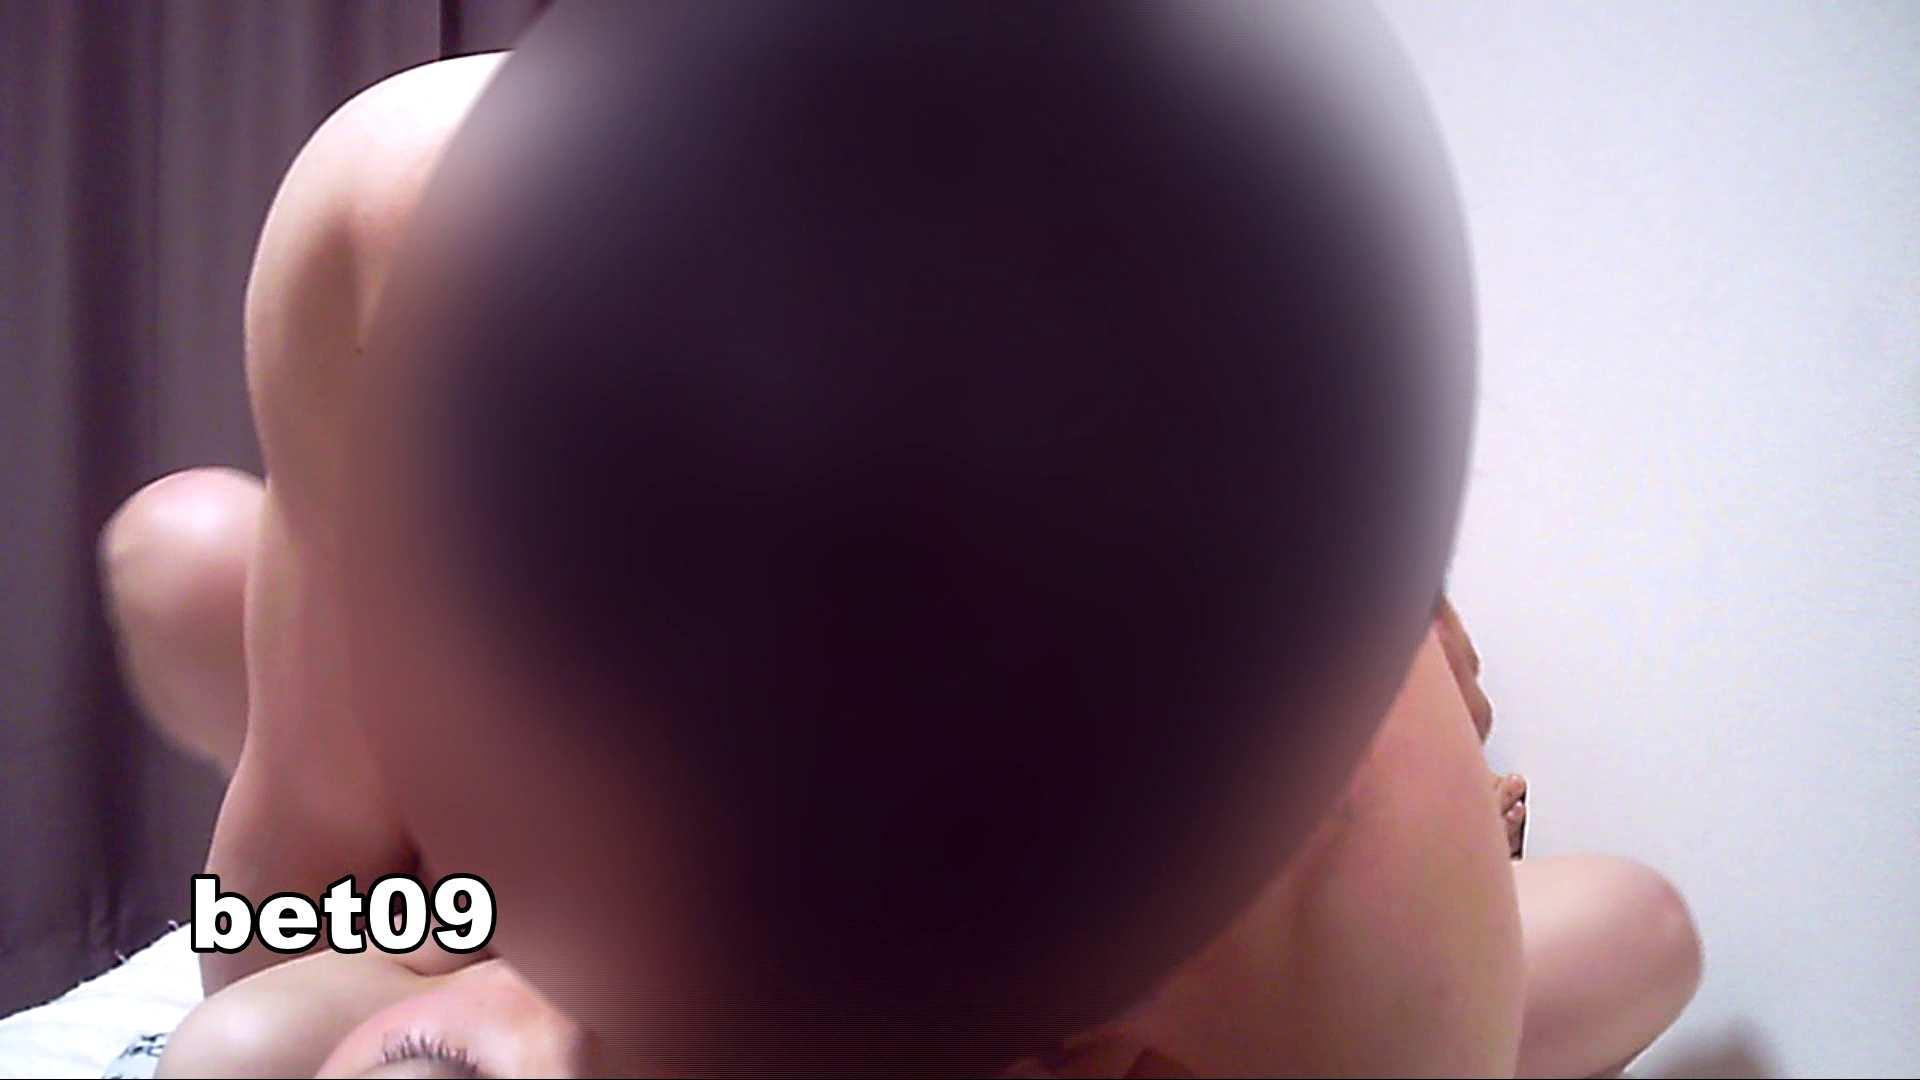 ミキ・大手旅行代理店勤務(24歳・仮名) vol.09 ミキの顔が紅潮してきます フェラ  55連発 14